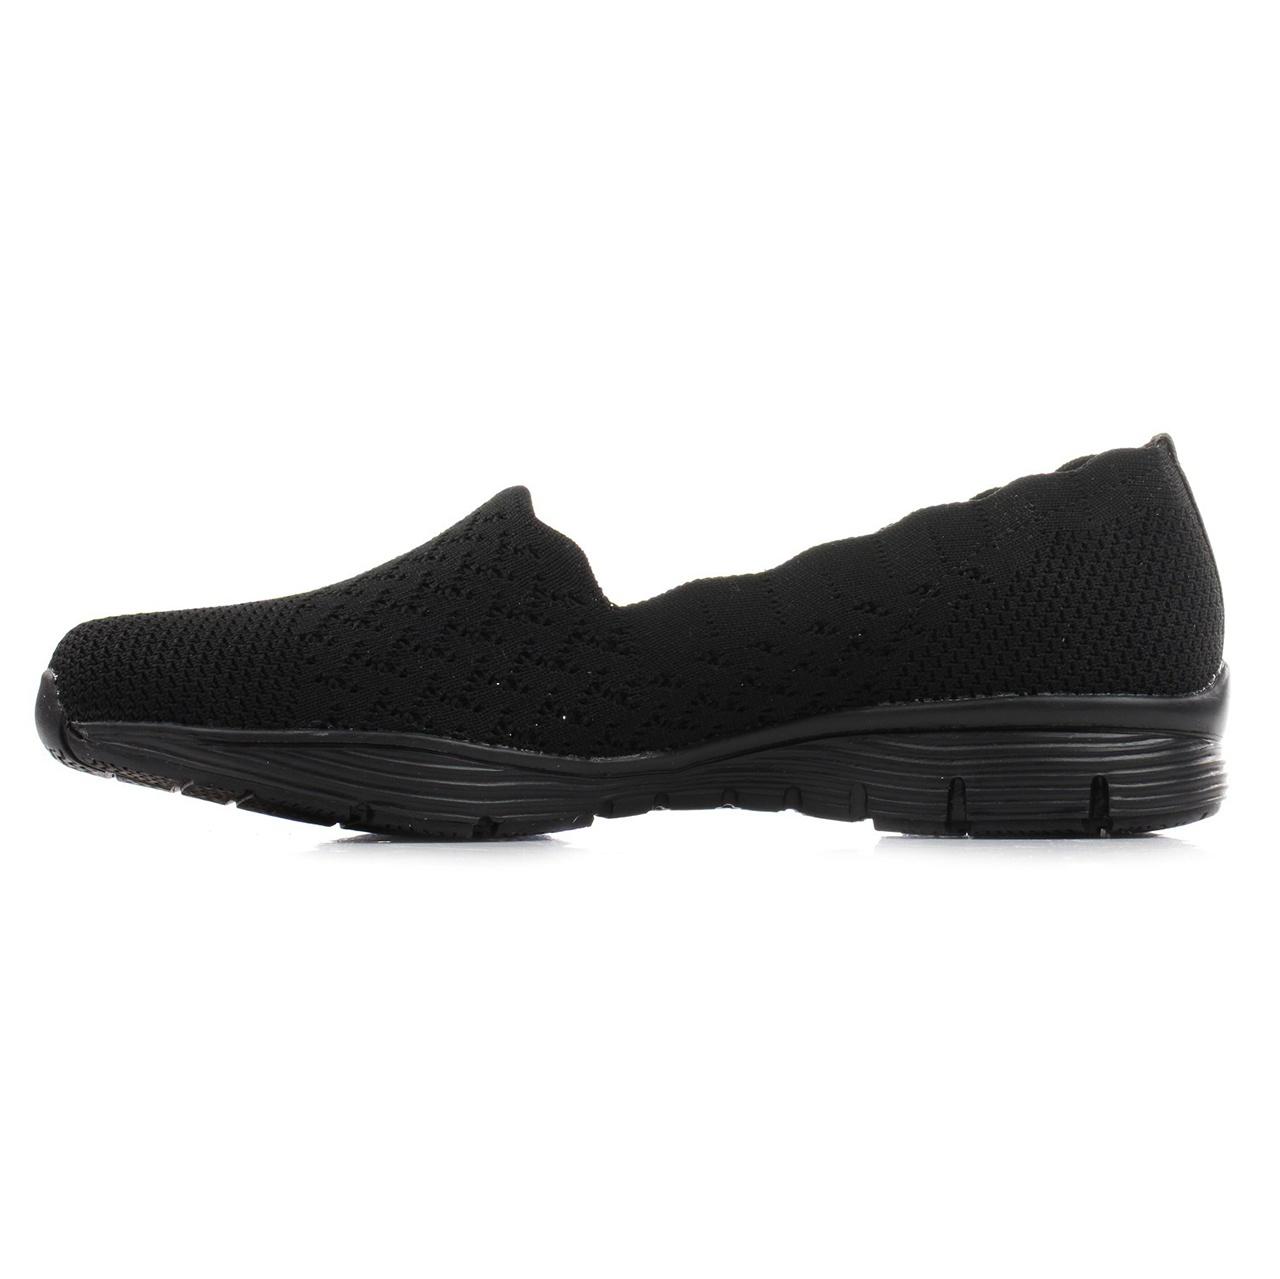 کفش مخصوص پیاده روی زنانه اسکچرز مدل MIRACLE 49481BBK